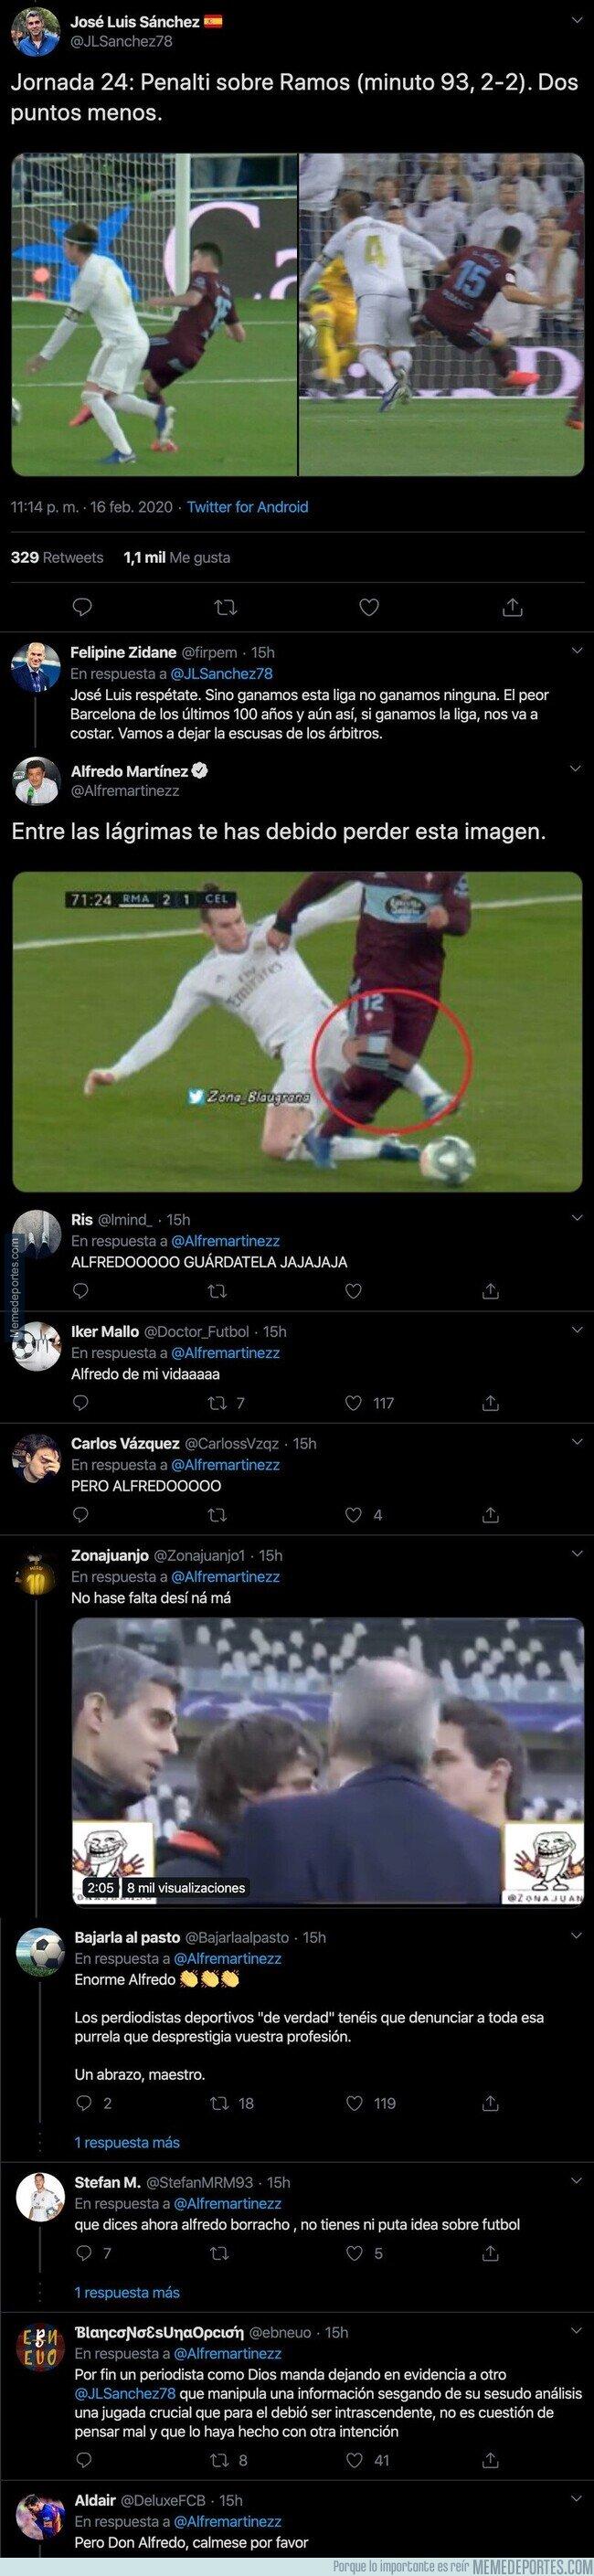 1098571 - El periodista Alfredo Martínez le da una respuesta descomunal a José Luis Sánchez tras quejarse del arbitraje al Real Madrid por un posible penalti